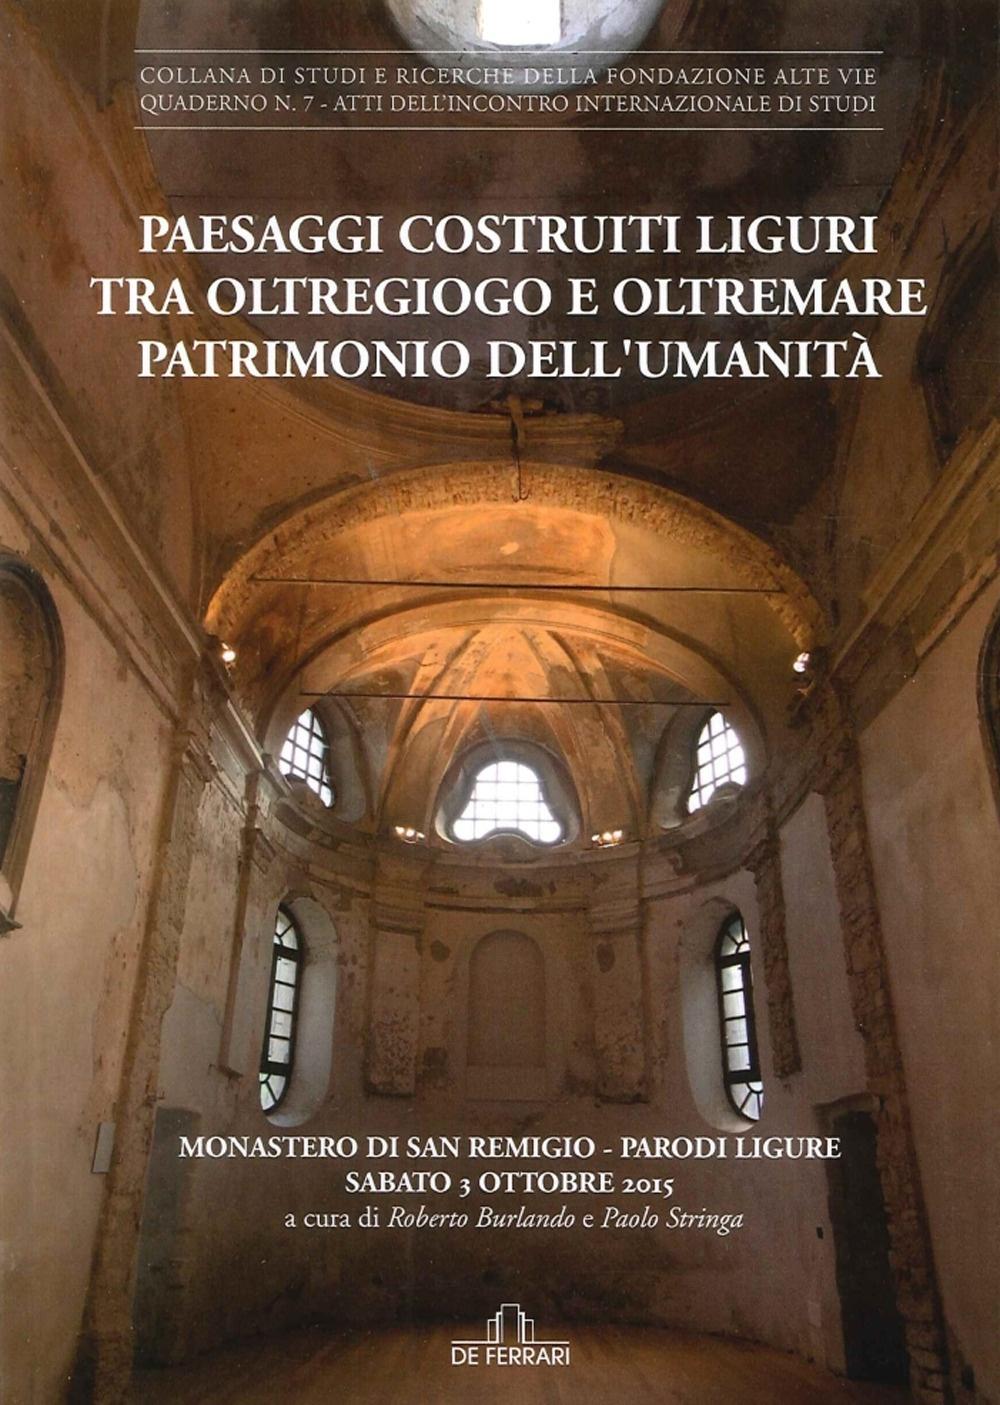 Paesaggi Costruiti Liguri tra Oltregioco e Oltremare Patrimonio Dell'Umanità. Monastero di San Remigio (Parodi Liguri, 3 Ottobre 2015).